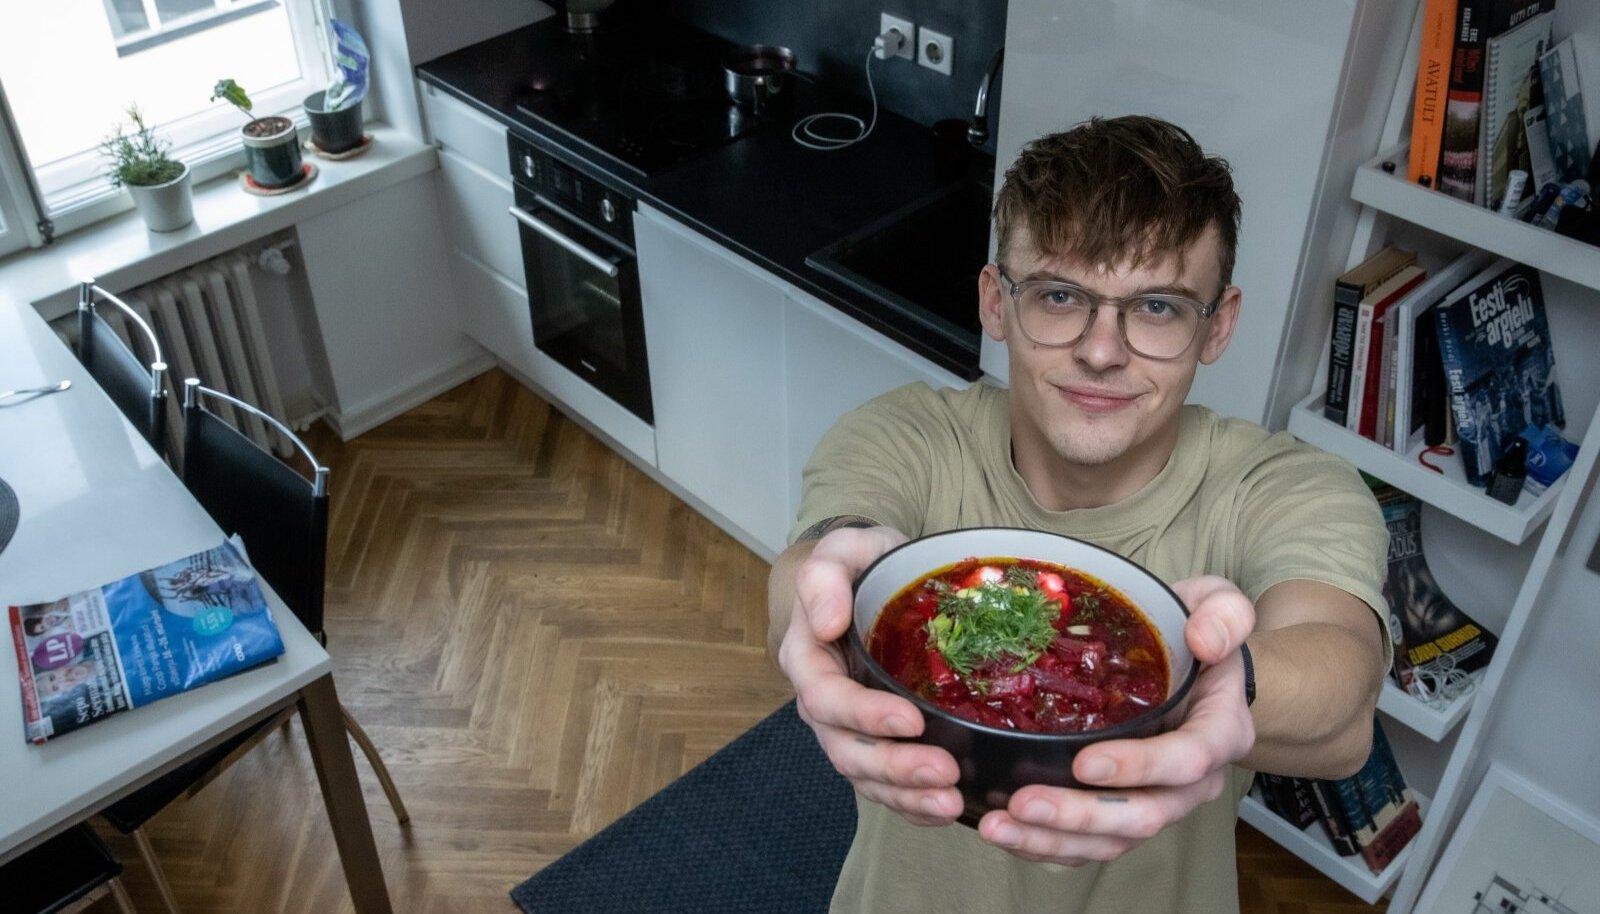 Jüri Pootsmanni on tabanud supivaimustus. Taimne borš on küll maitsev, aga Jüri arvates võiks sinna ka sinki lisada. Head isu!